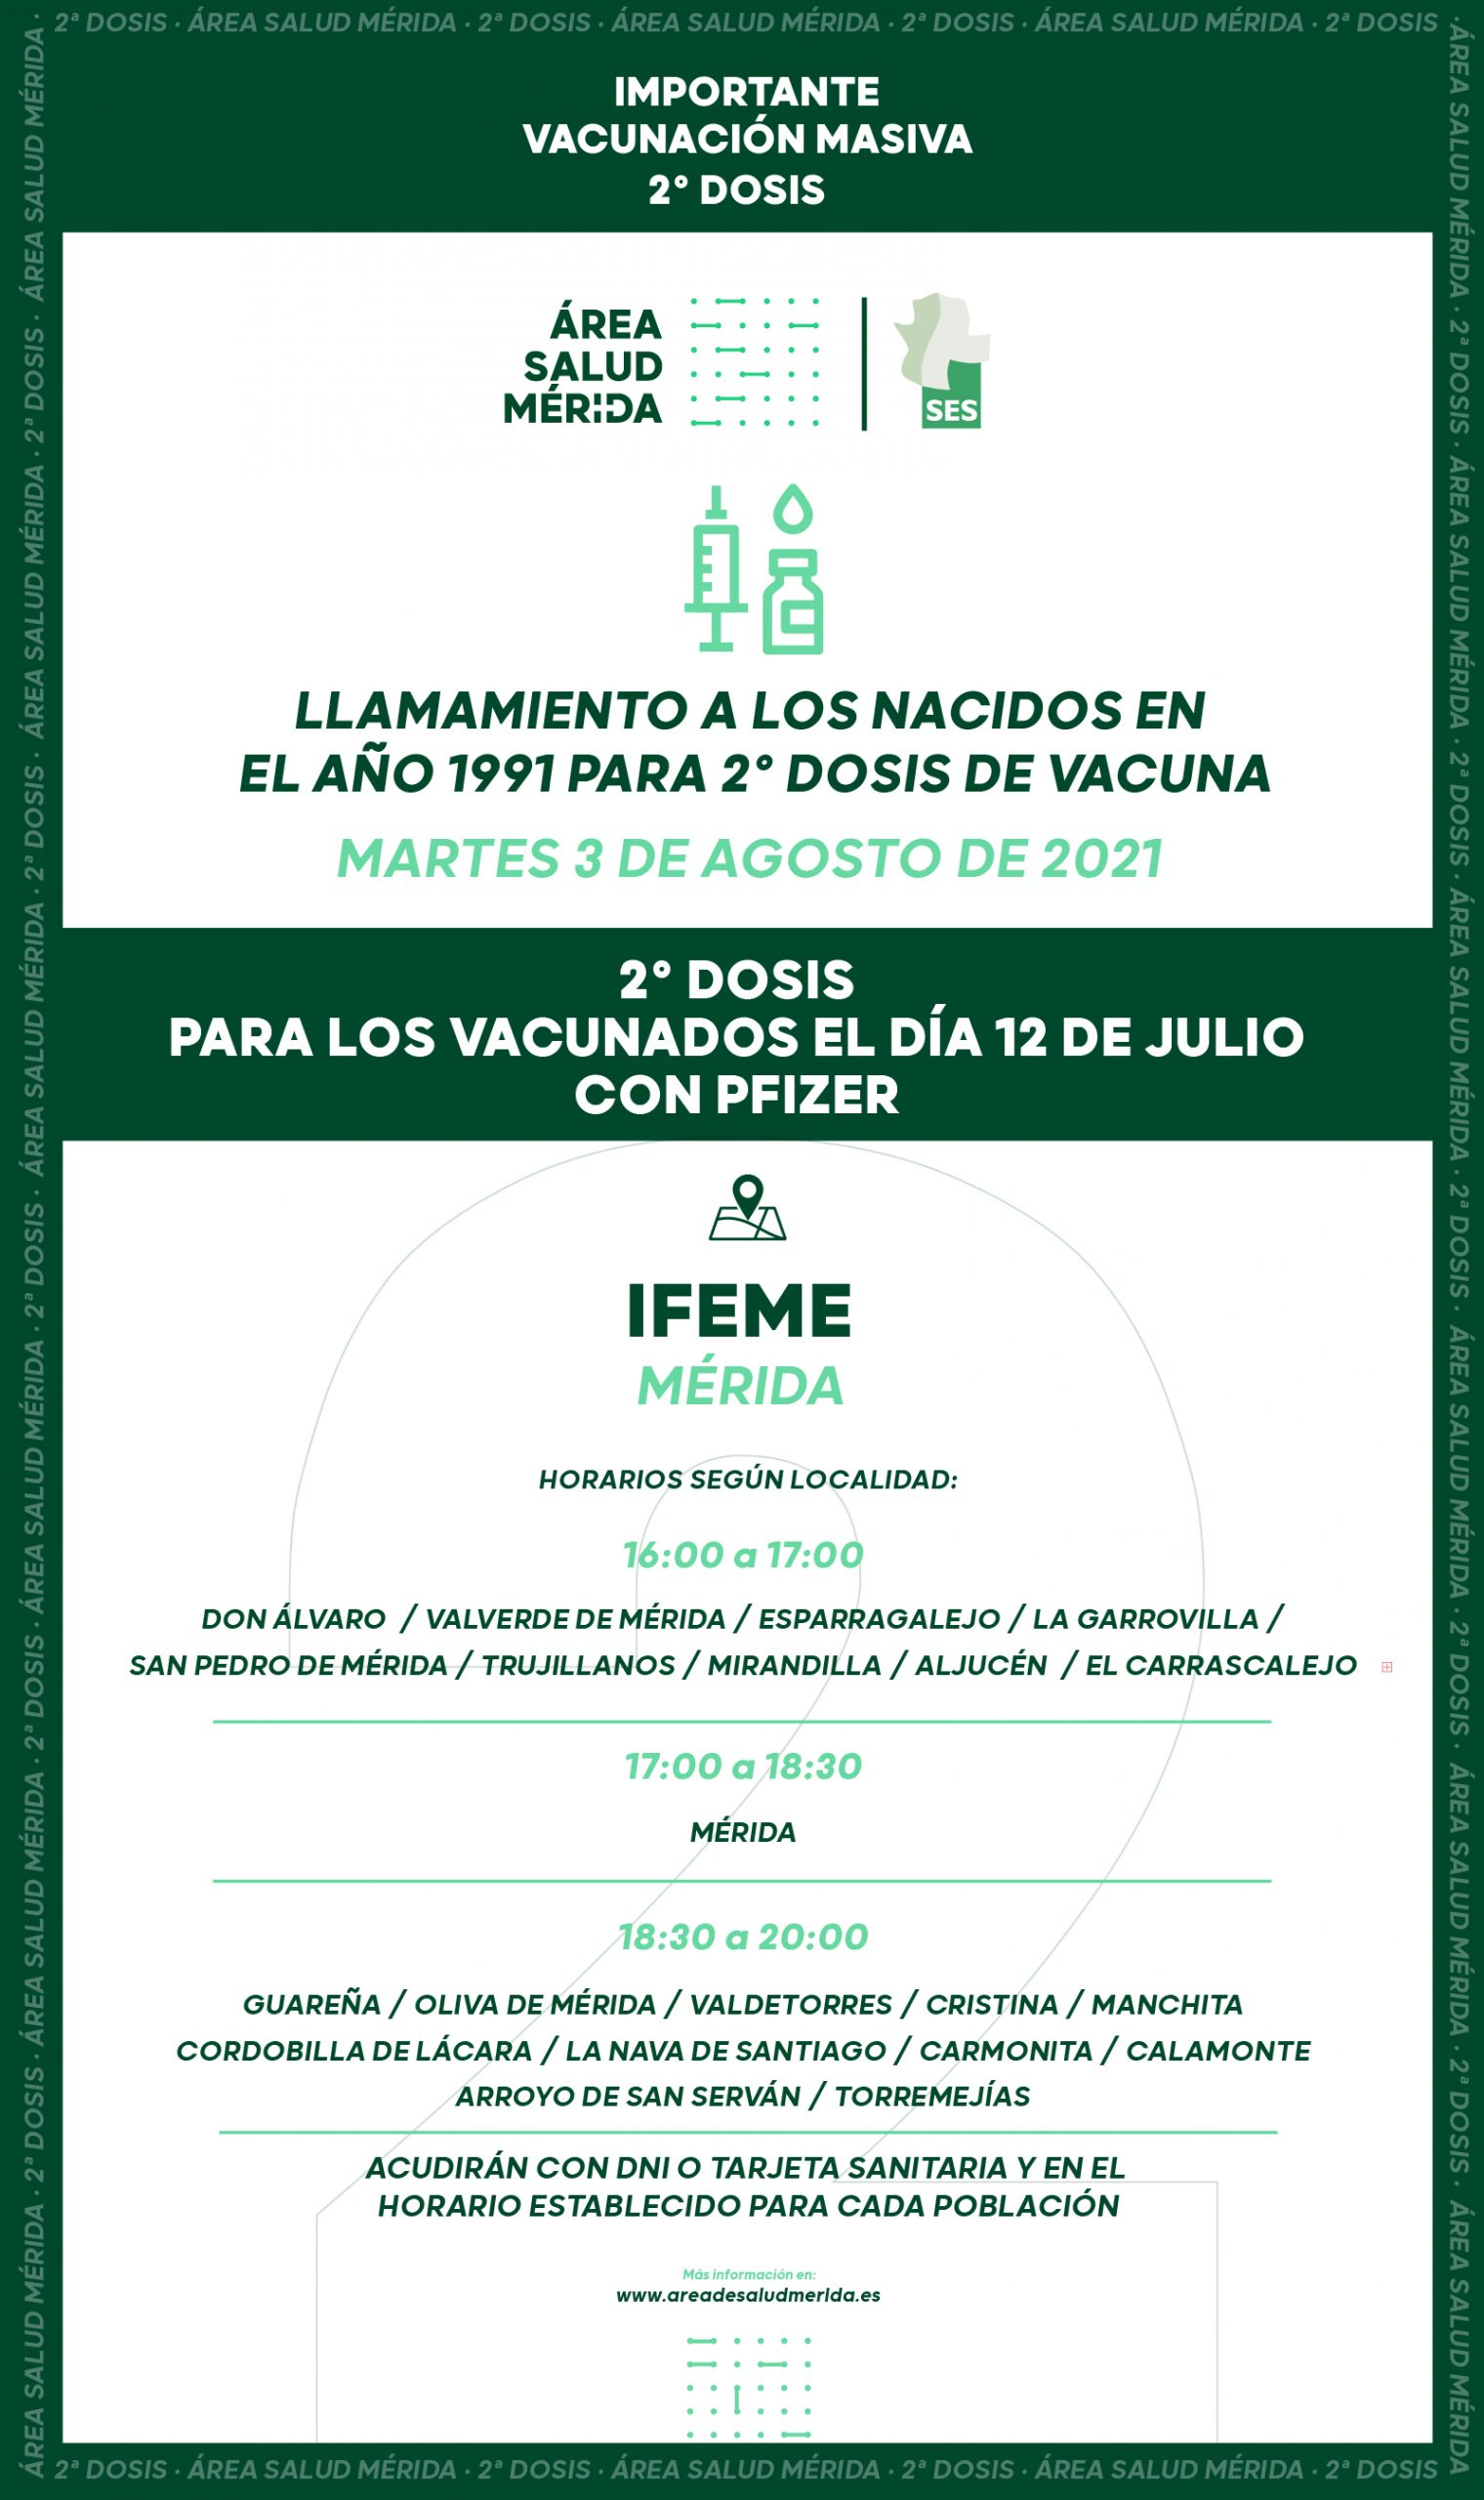 Llamamiento a los nacidos en 1991 para vacunación 2ª dosis, martes 3 de Agosto